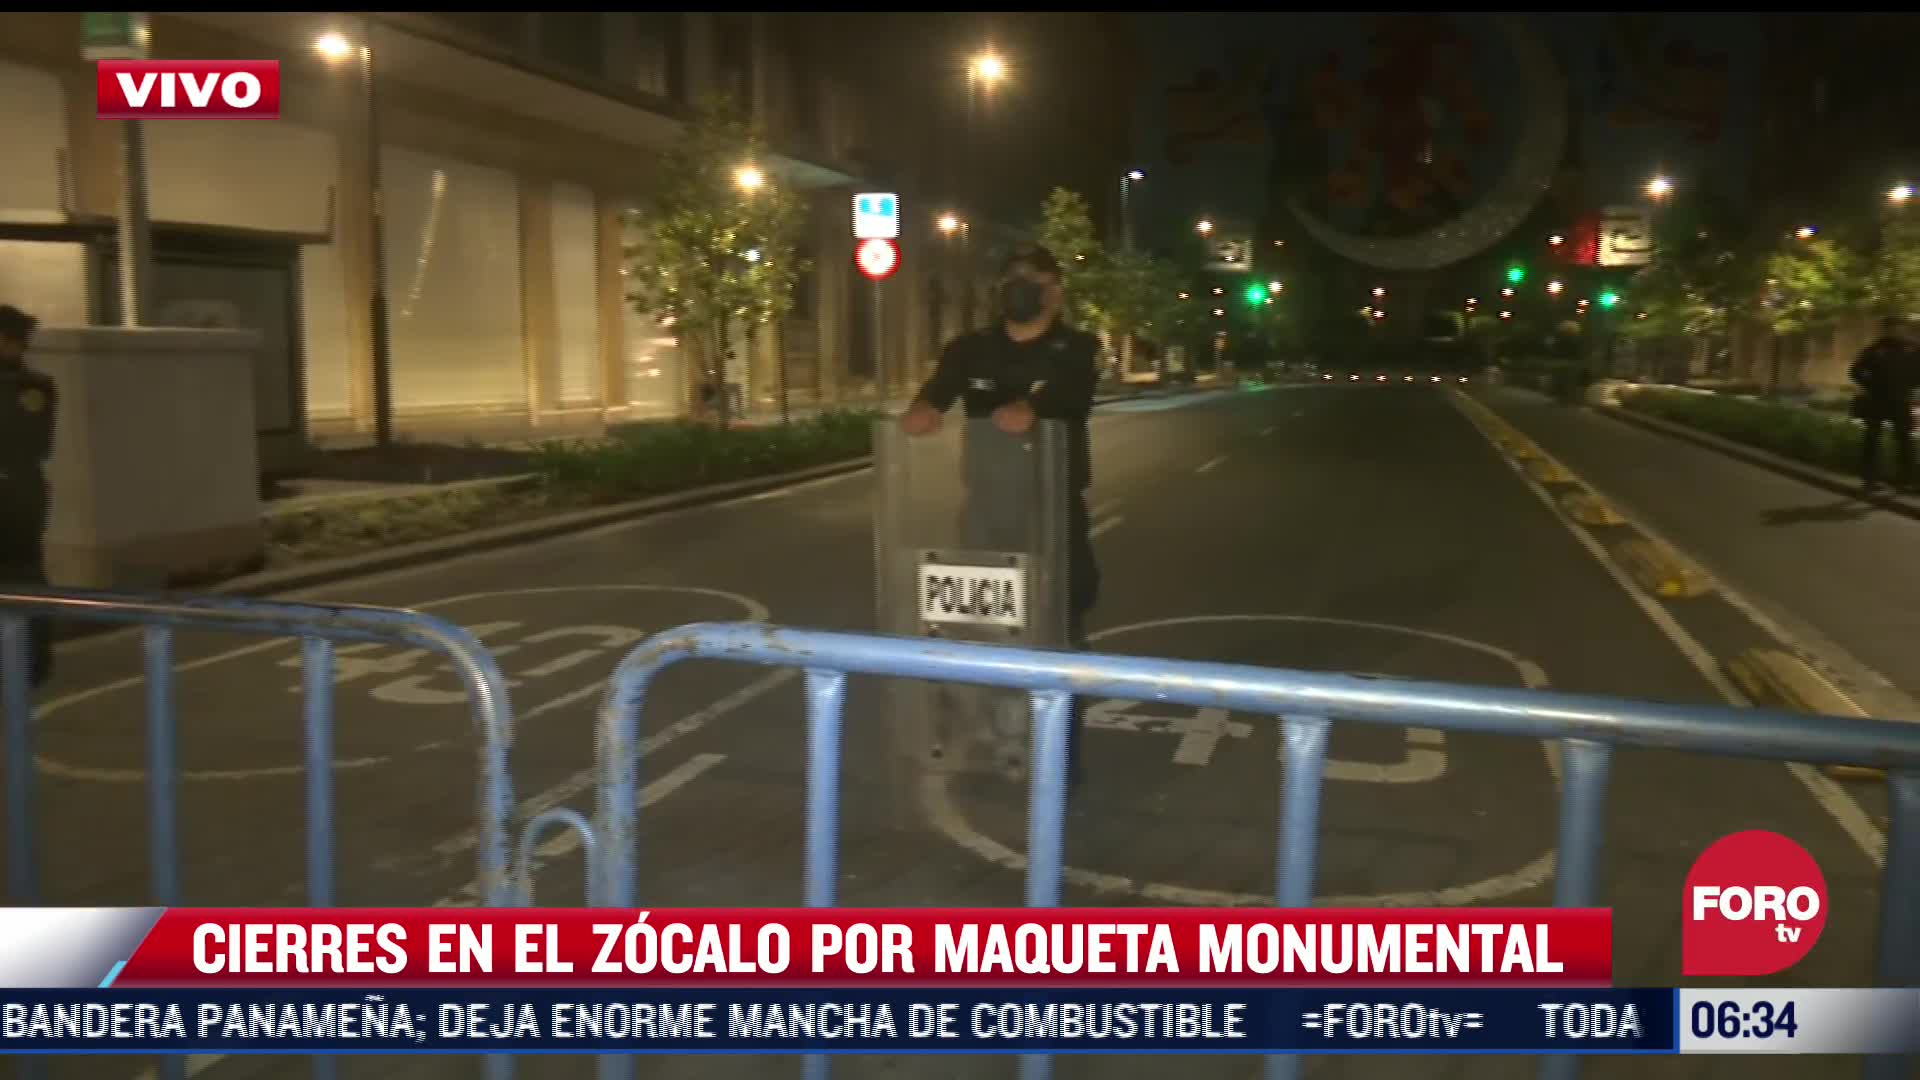 Cierran circuito de la Plaza de la Constitución, CDMX, por maqueta monumental